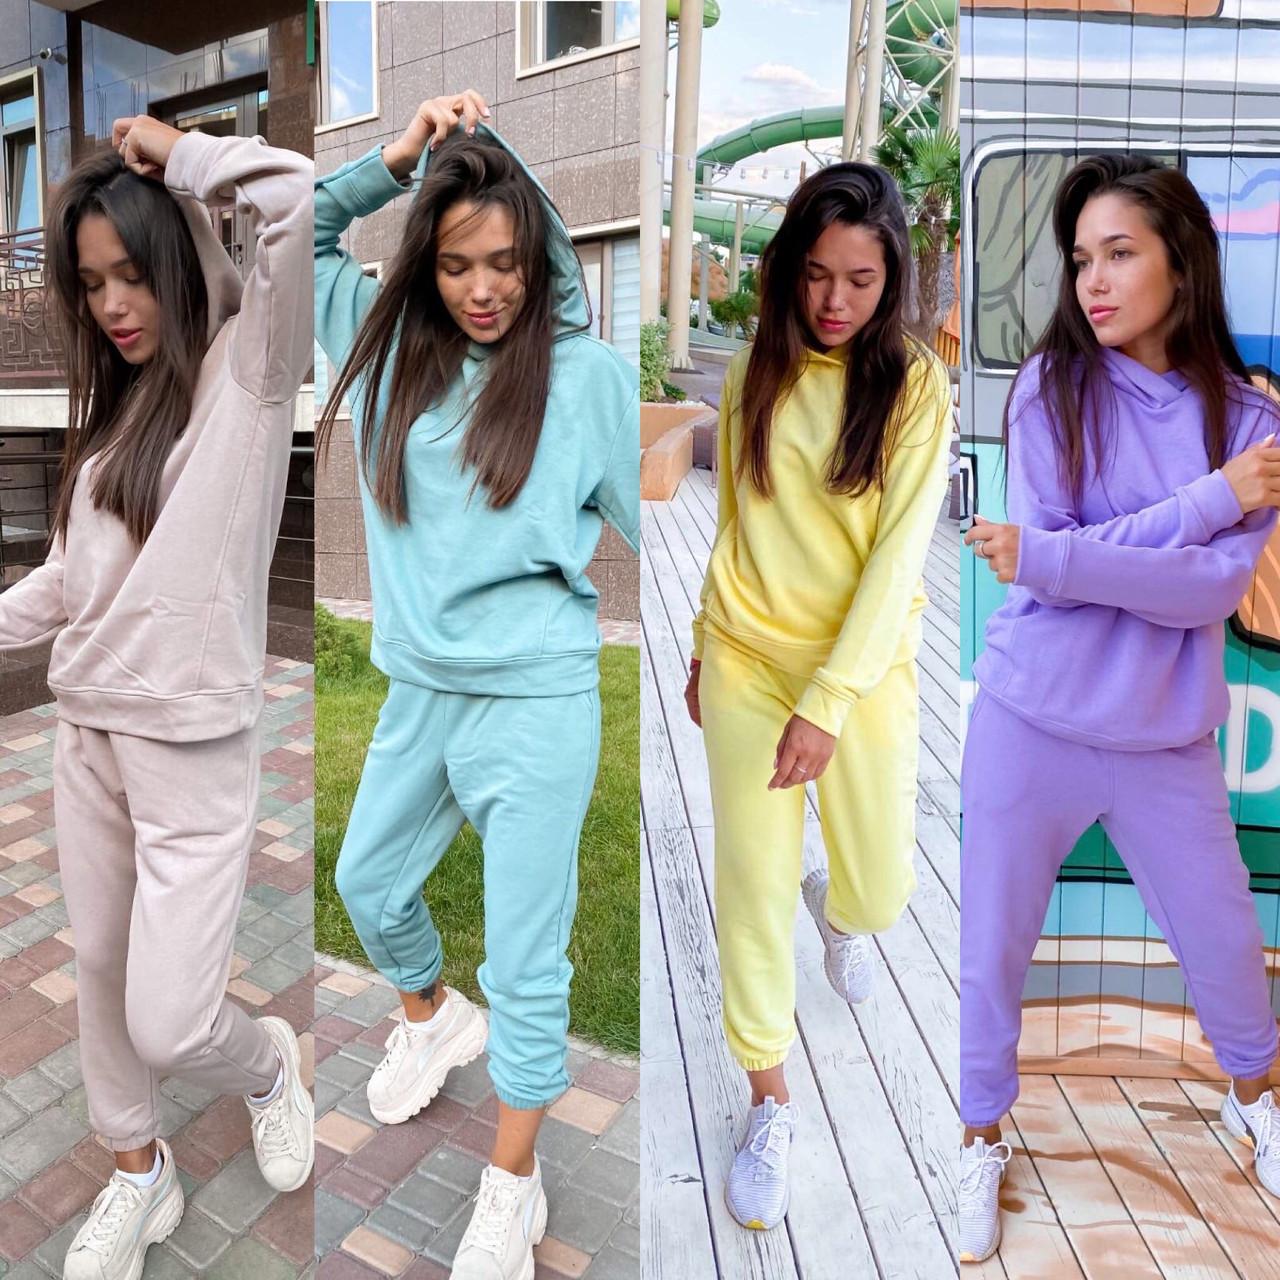 Костюм женский спортивный молодежный, высокое качество, стиль оверсайз, разные цвета р.хs, s, м, л Код 017И